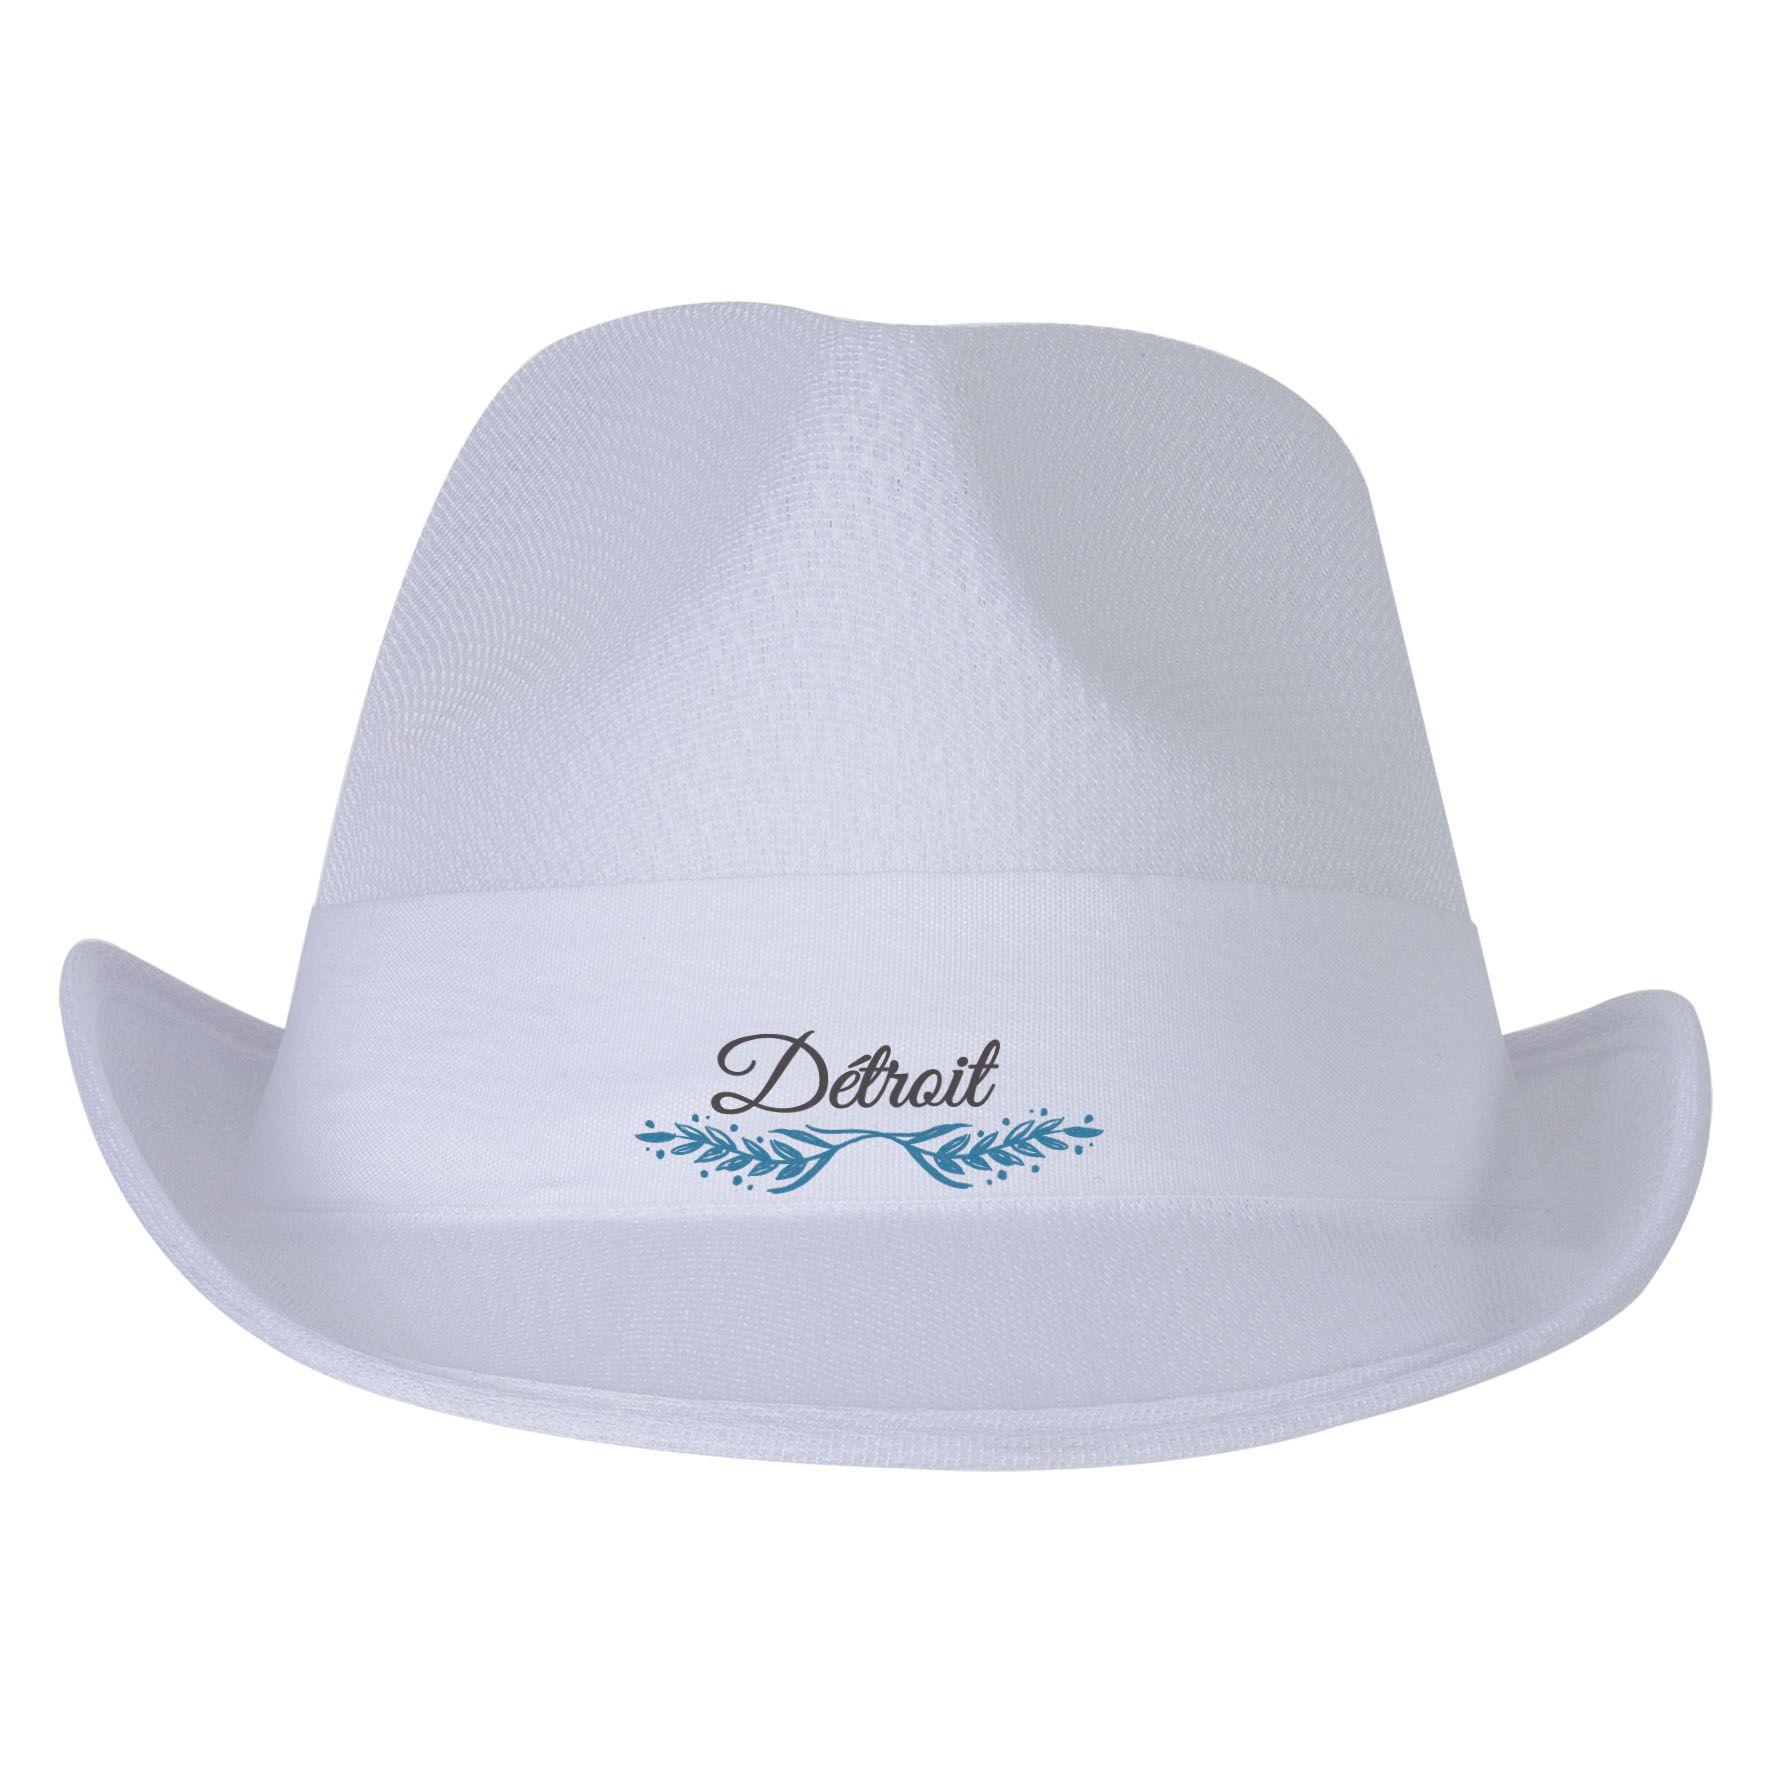 Cadeau d'entreprise - Chapeau publicitaire Panama Evènement